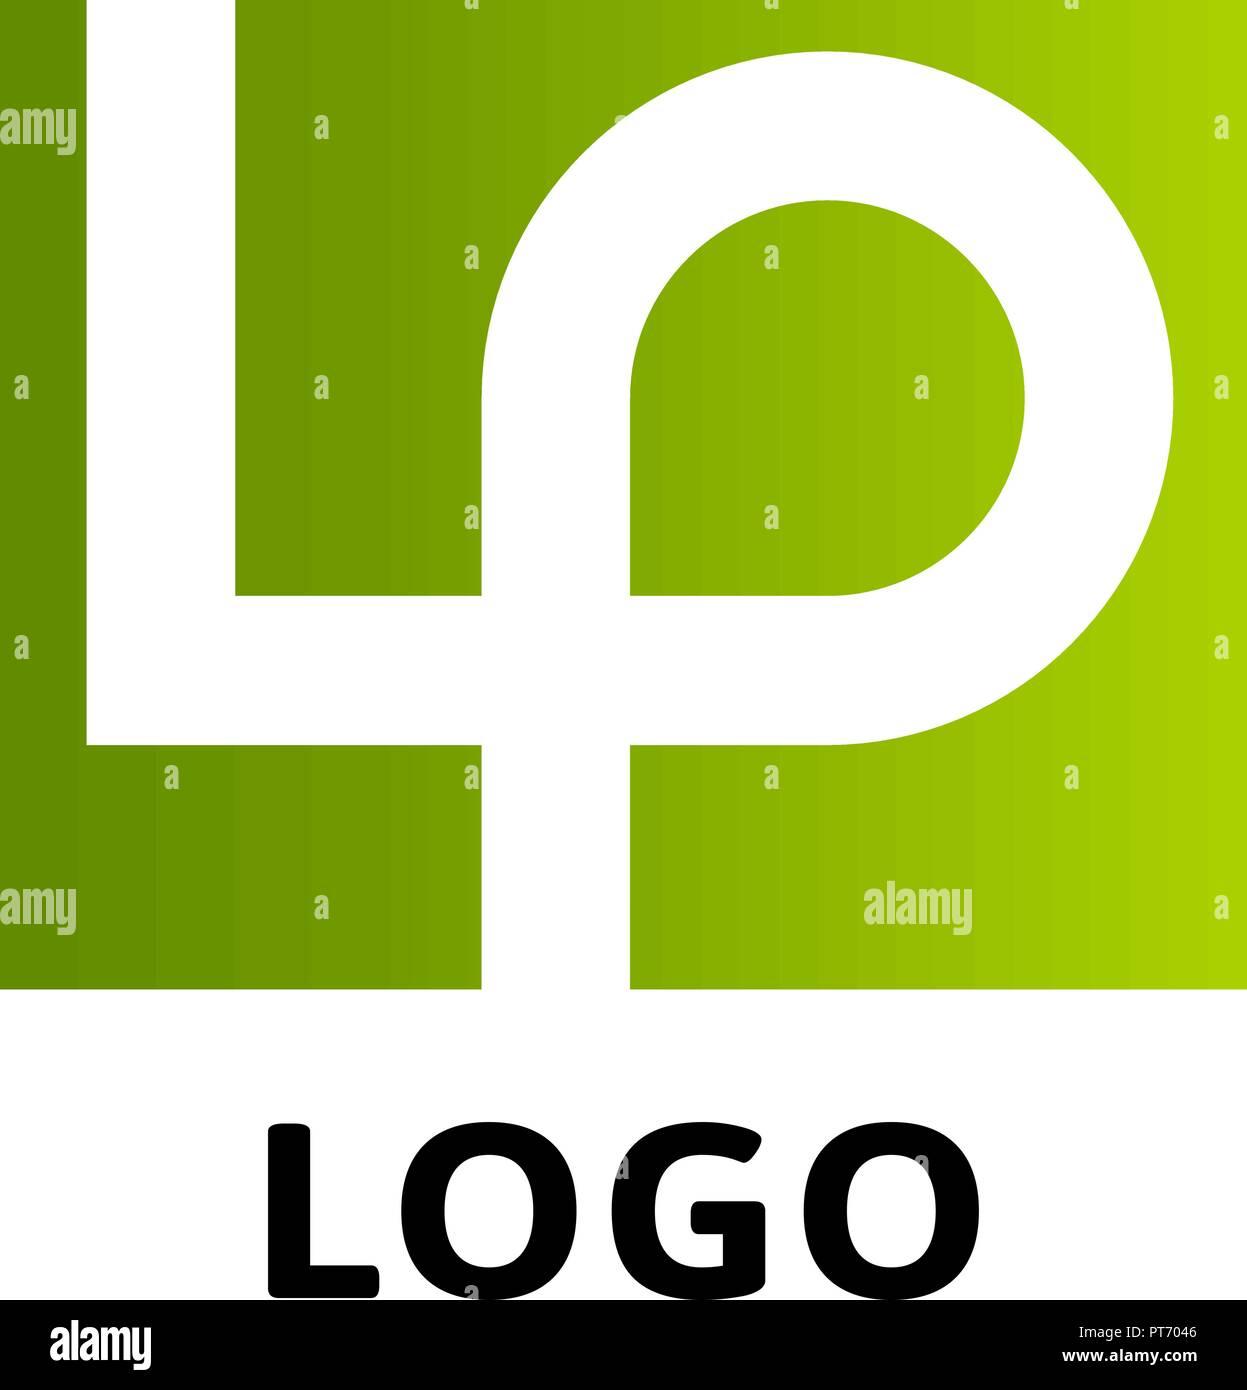 https://c7.alamy.com/compfr/pt7046/logo-de-l-entreprise-lp-modele-vectoriel-pt7046.jpg